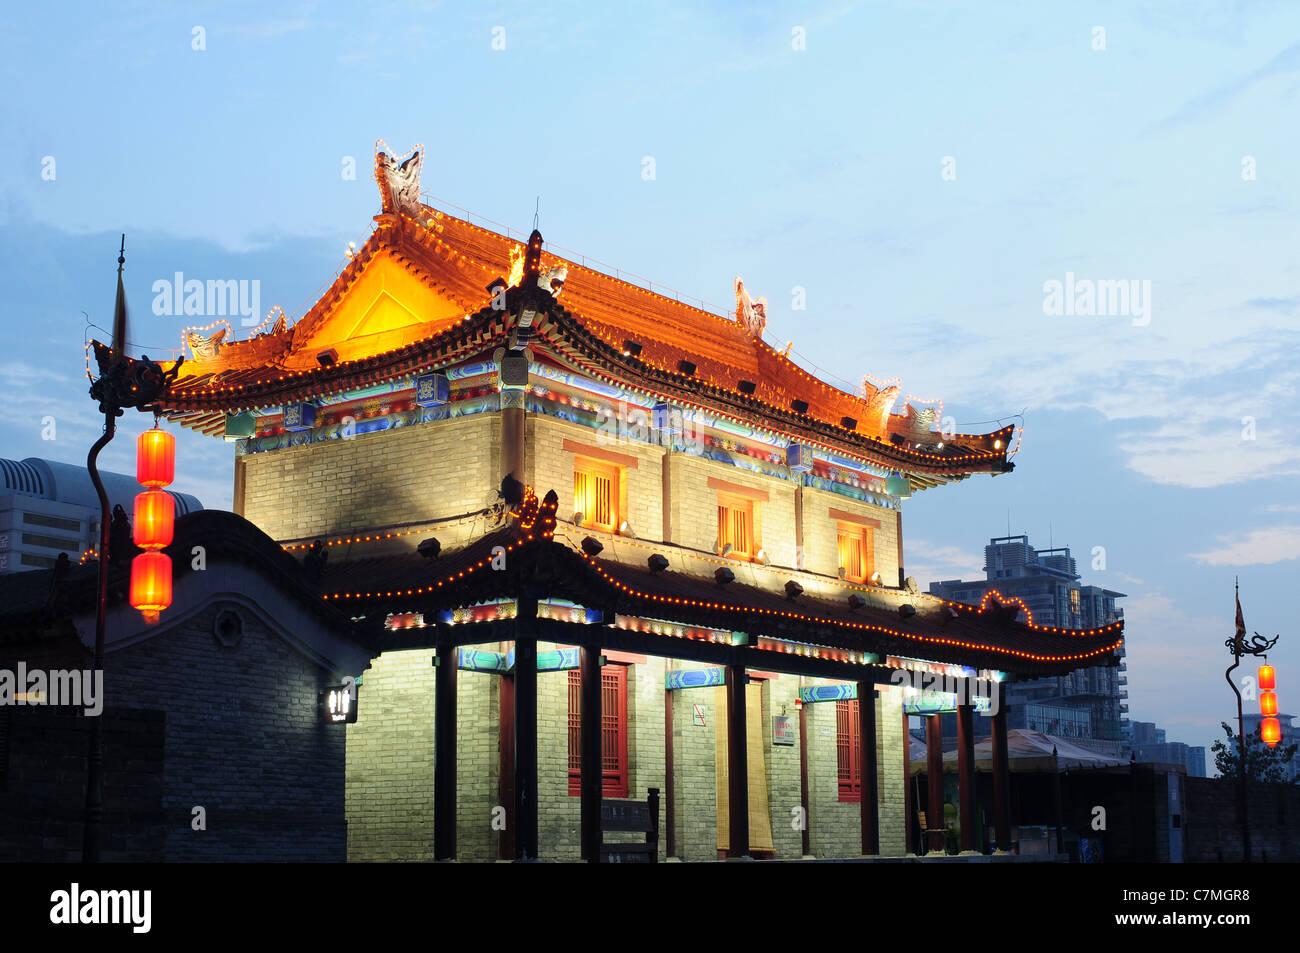 La noche escenas de la famosa antigua ciudad de Xian, China Imagen De Stock